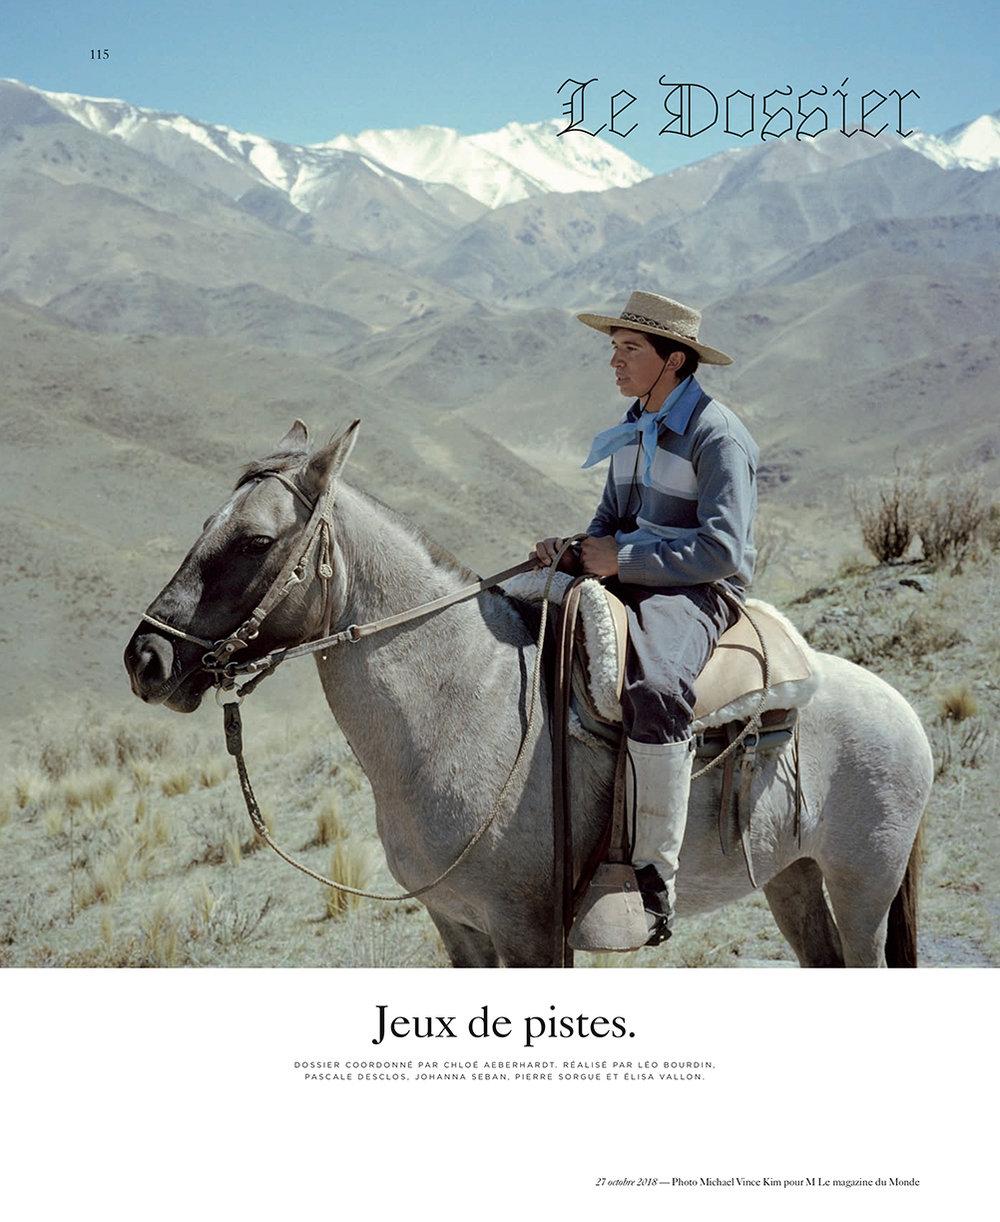 Le Monde: La route des bodegas d'Argentine